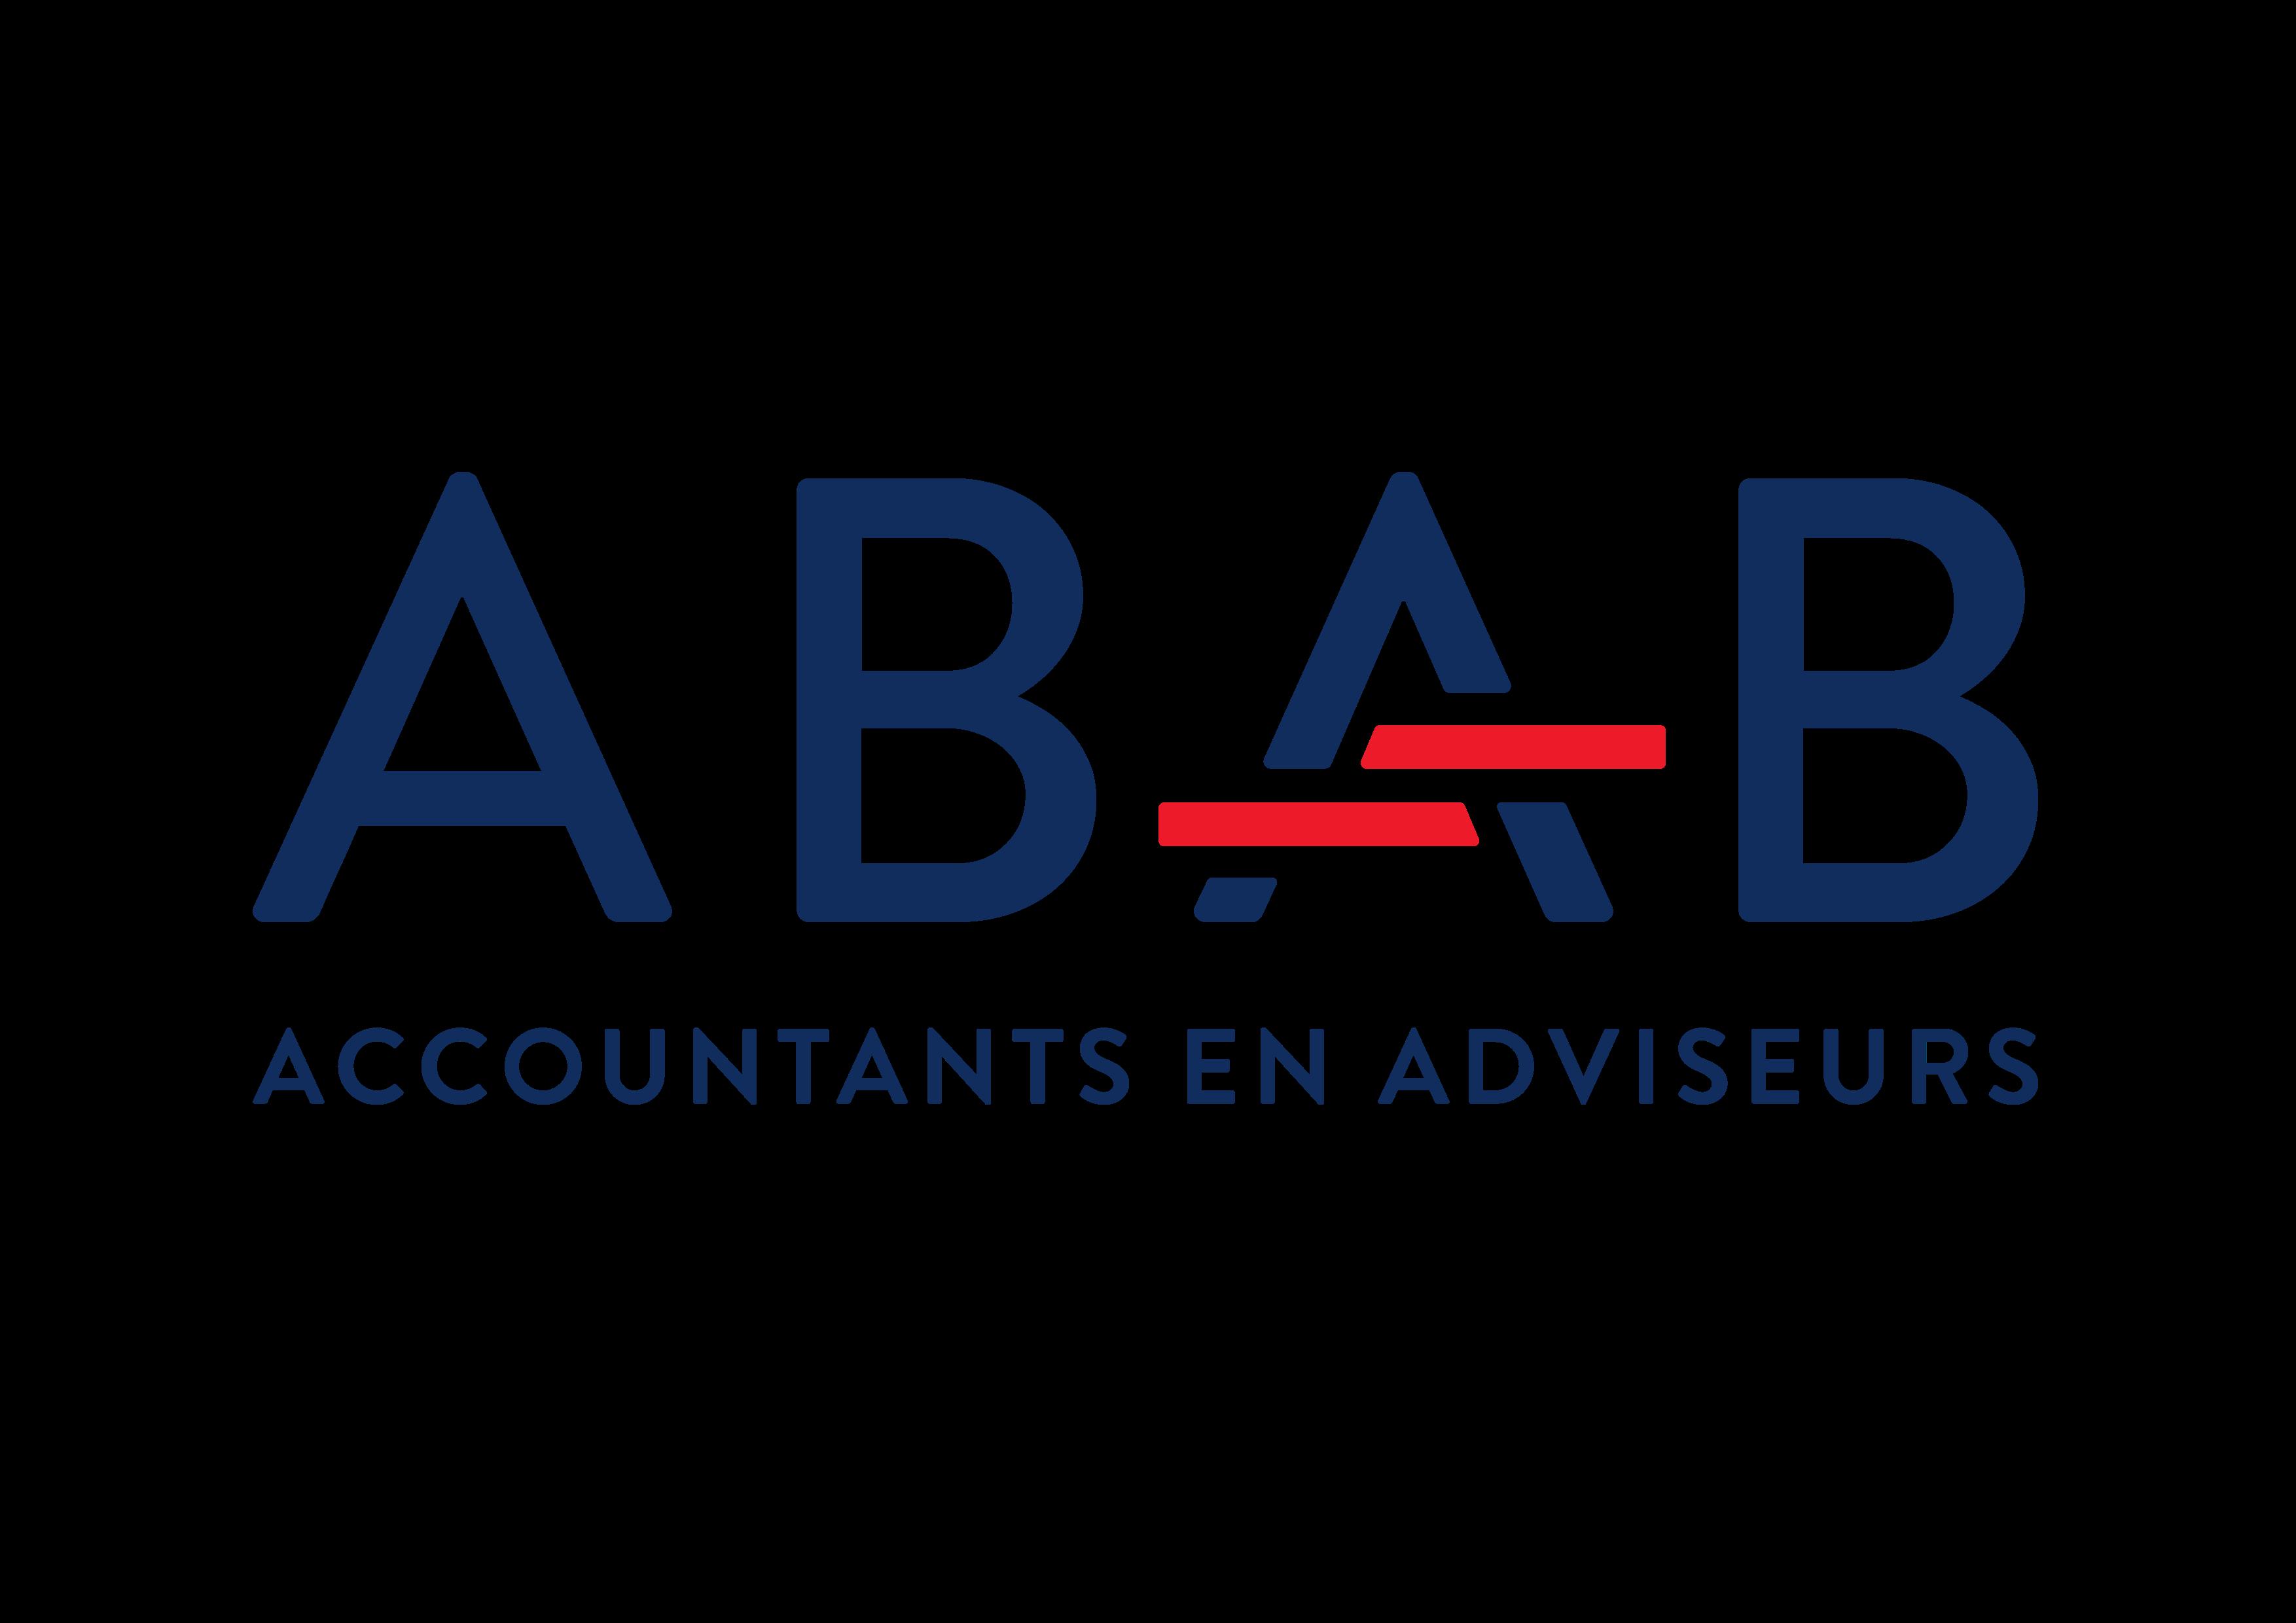 ABAB logo